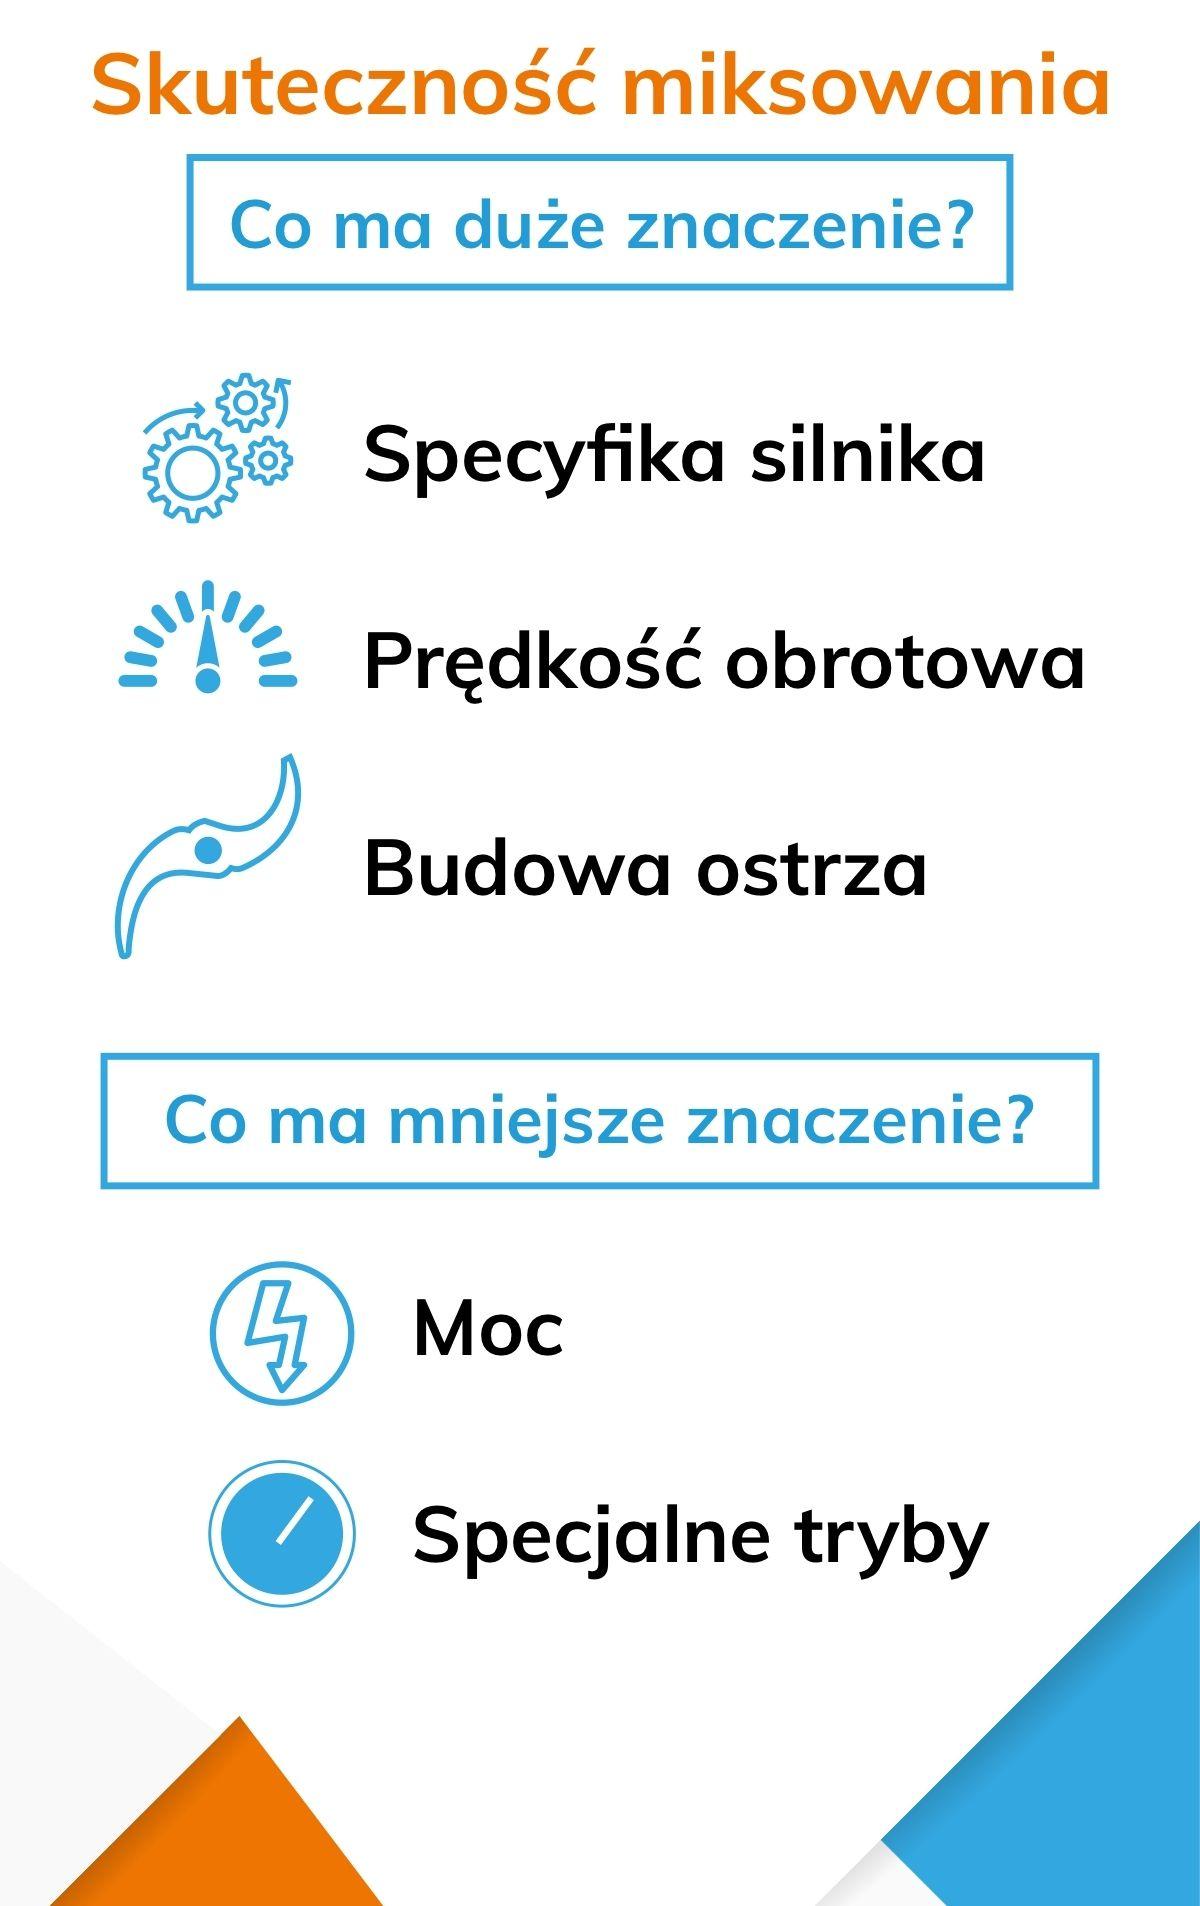 Skuteczność miksowania blenderów kielichowych infografika